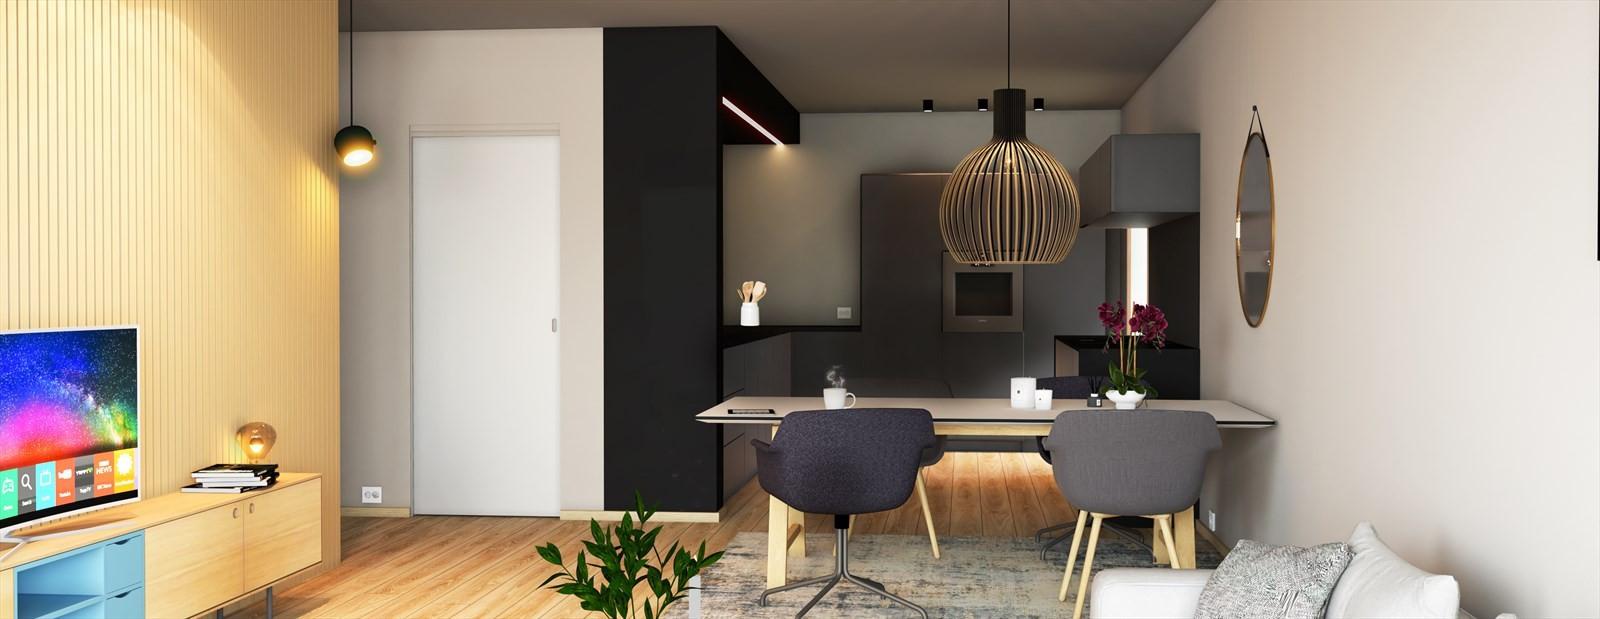 Meget tiltalende kjøkken som leveres av av Monter Tromsø og vil være fra produsenten Aubo.